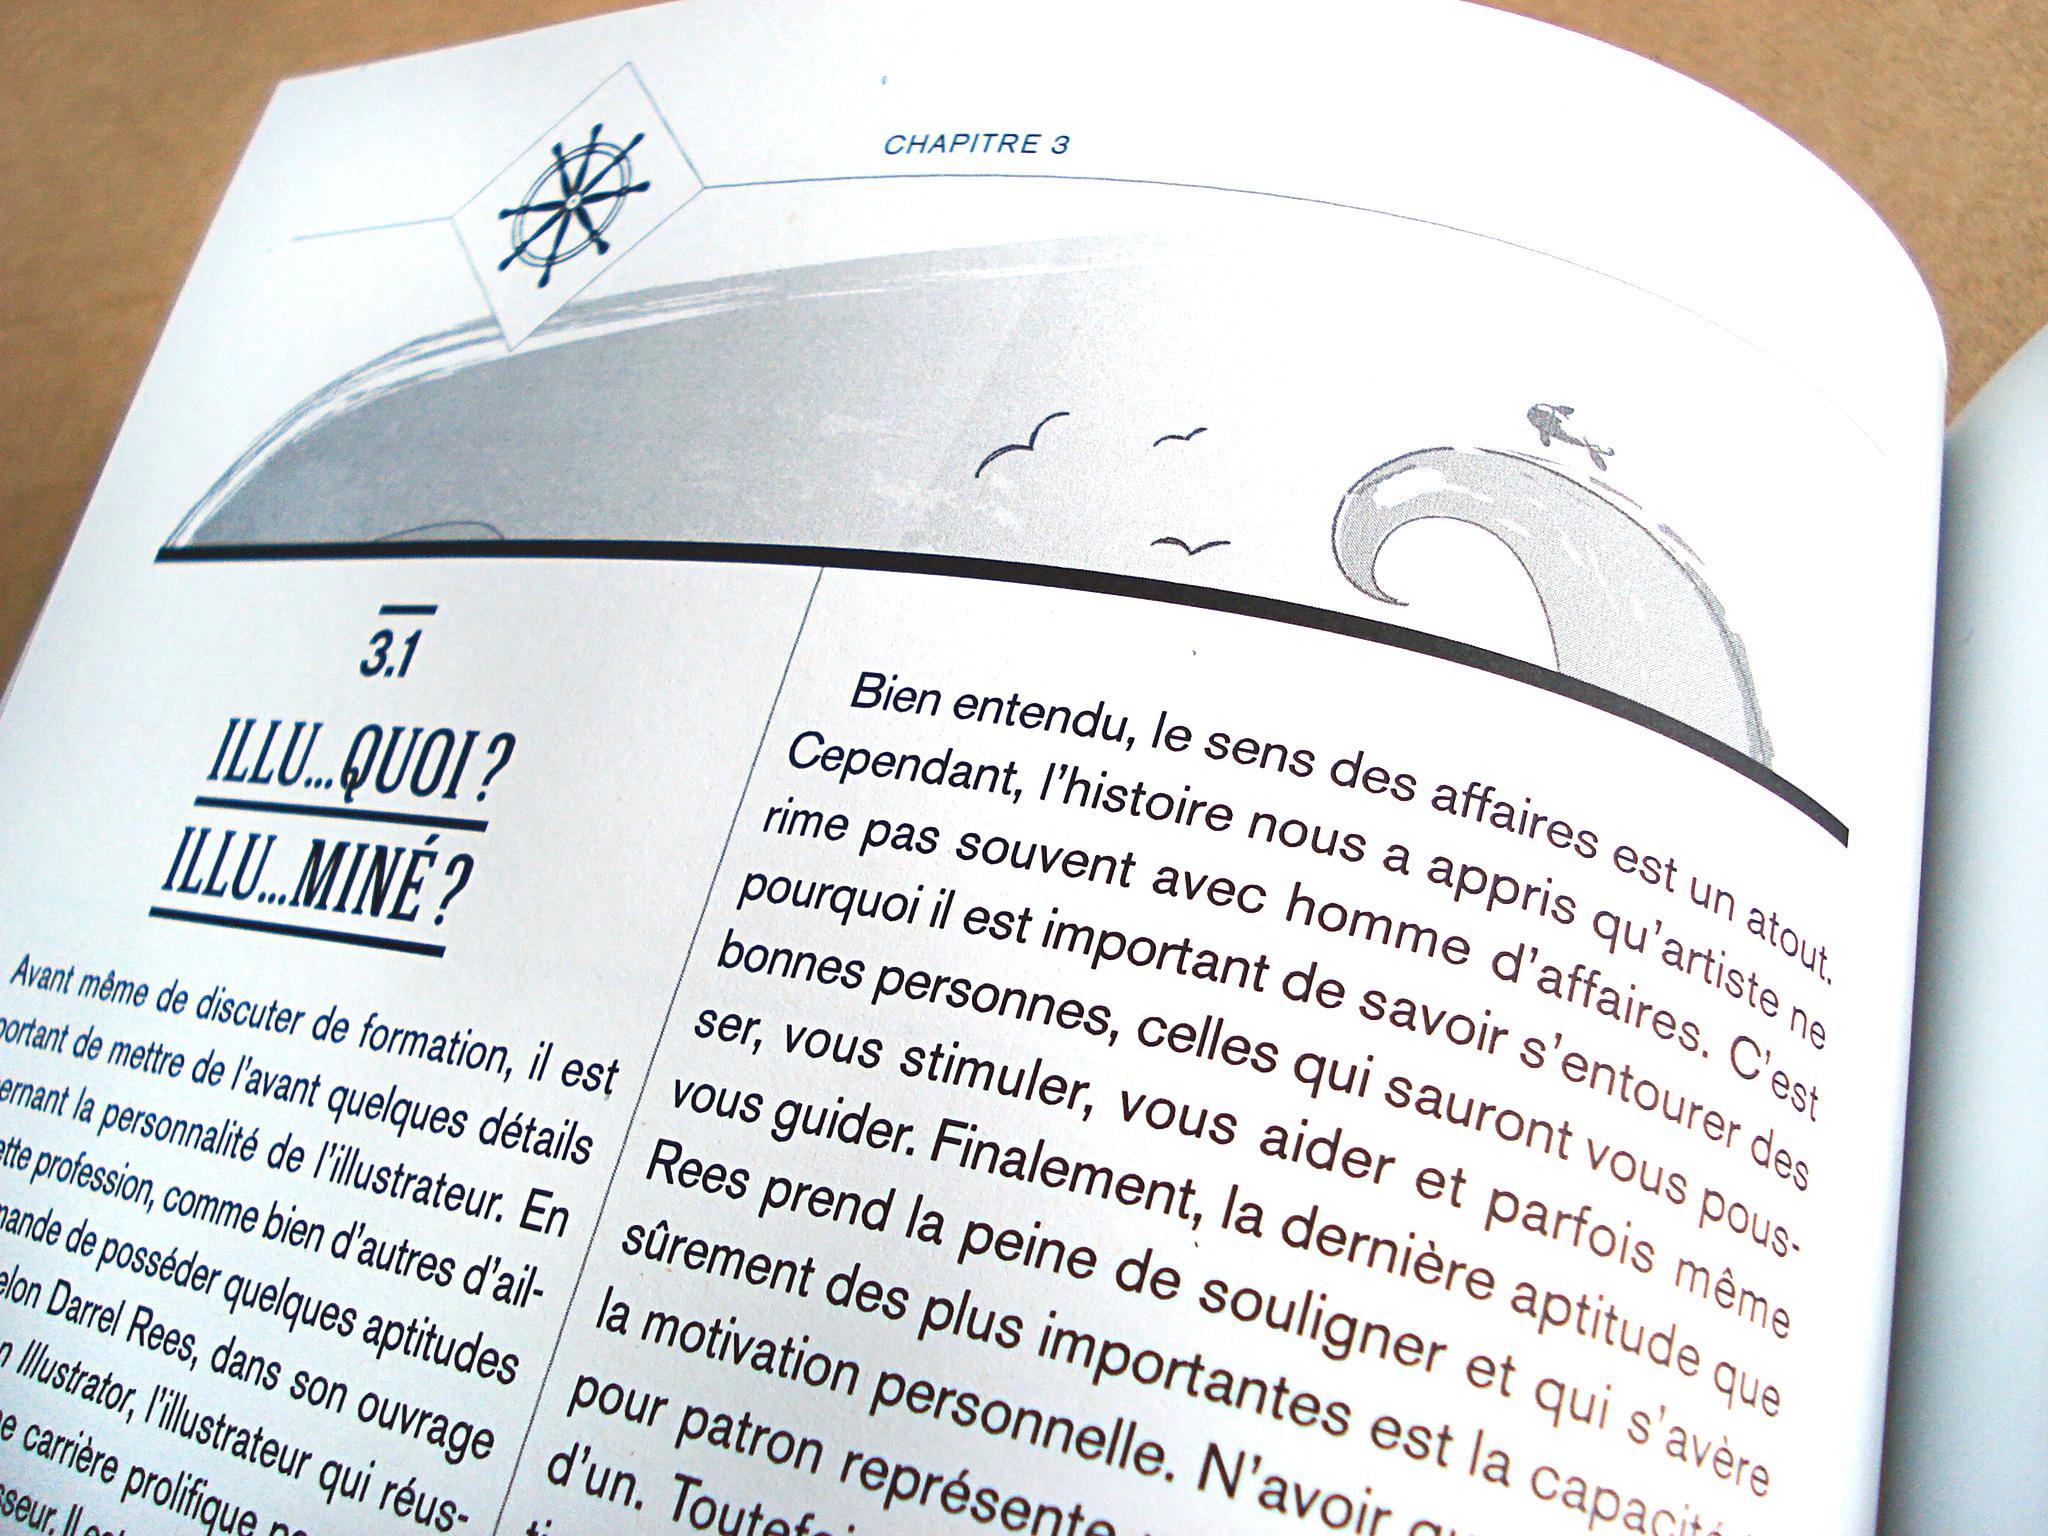 Guide de survie d'Illustration Québec.